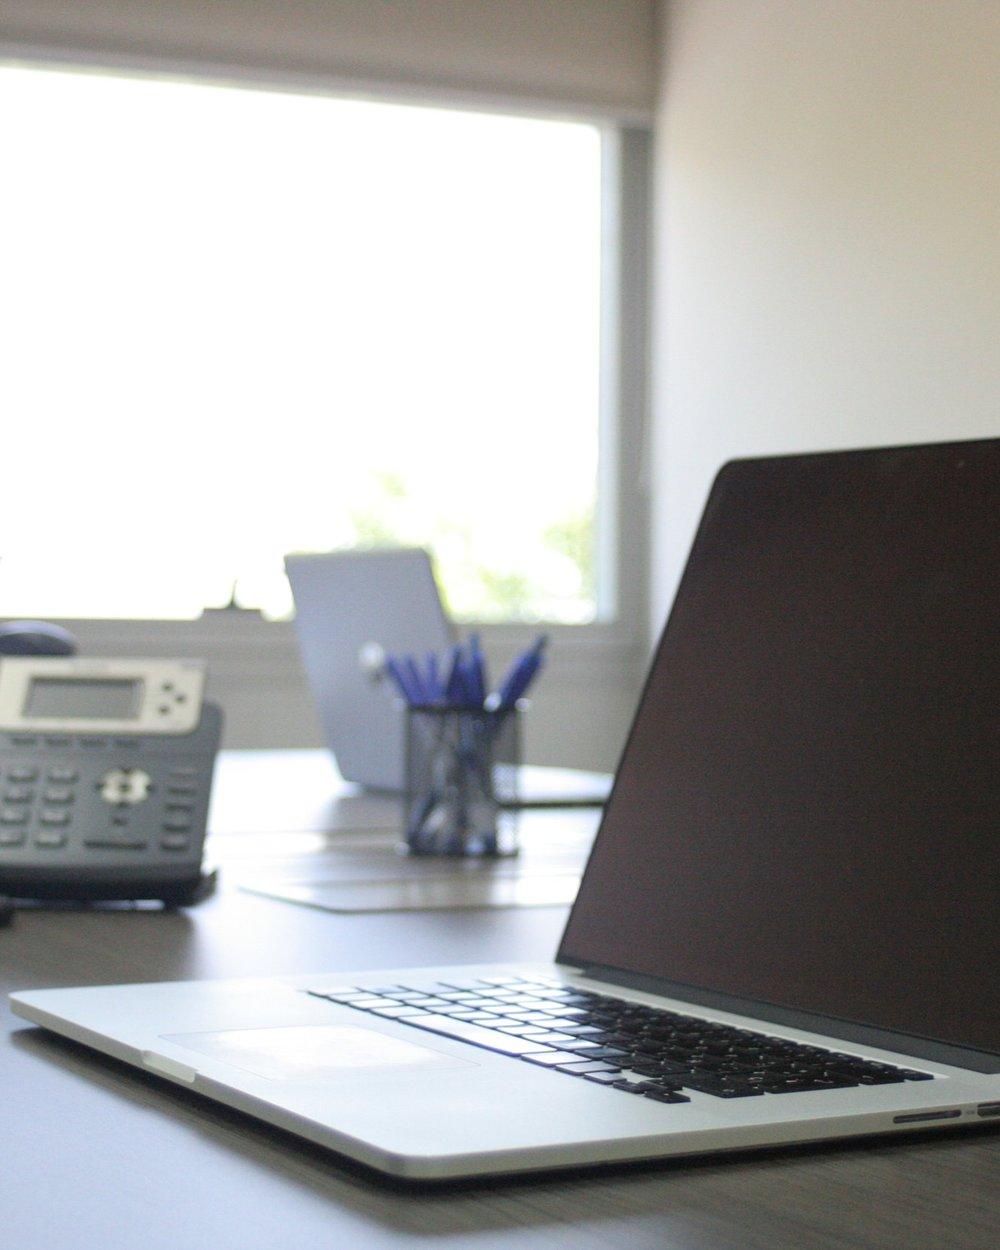 OFICINA VIRTUALY DOMICILIACIÓN - —Puedes alojar la sede o domicilio social de tu negocio en Madrid a través de sencillos pasos. Solicita información. DESDE 24.90€/MES